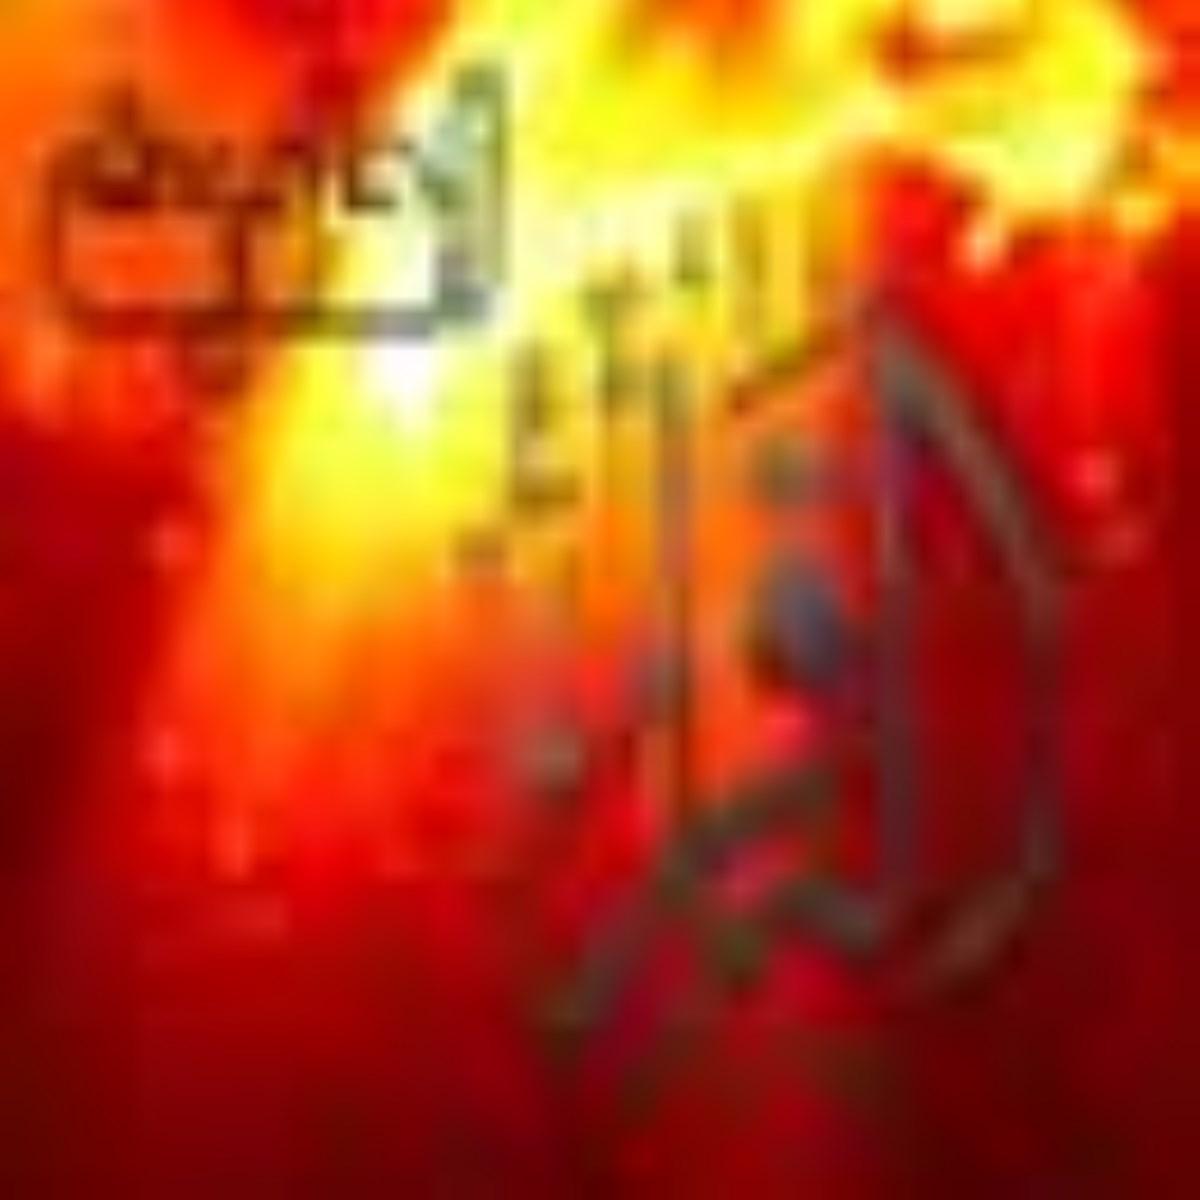 احاديث امام محمد باقر(علیه السلام)